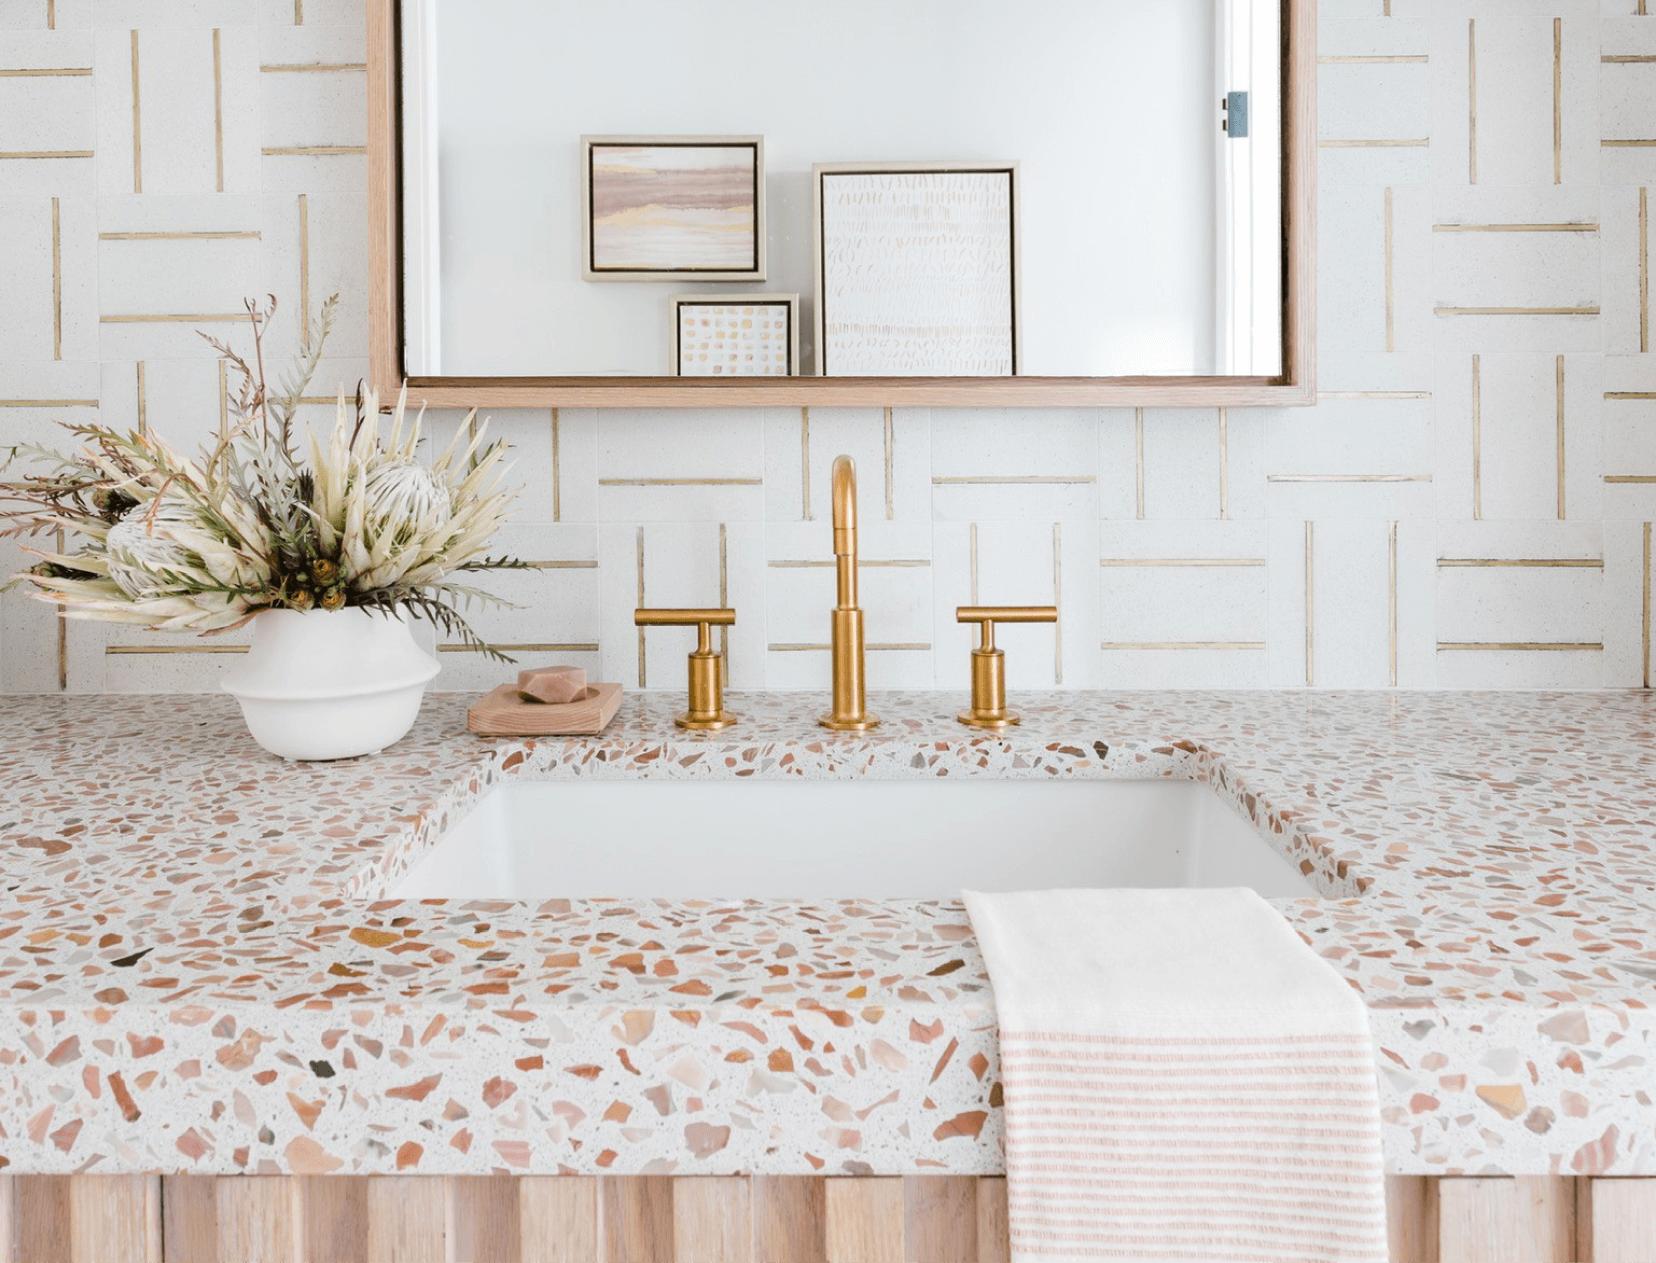 Concrete Collaborative bathroom